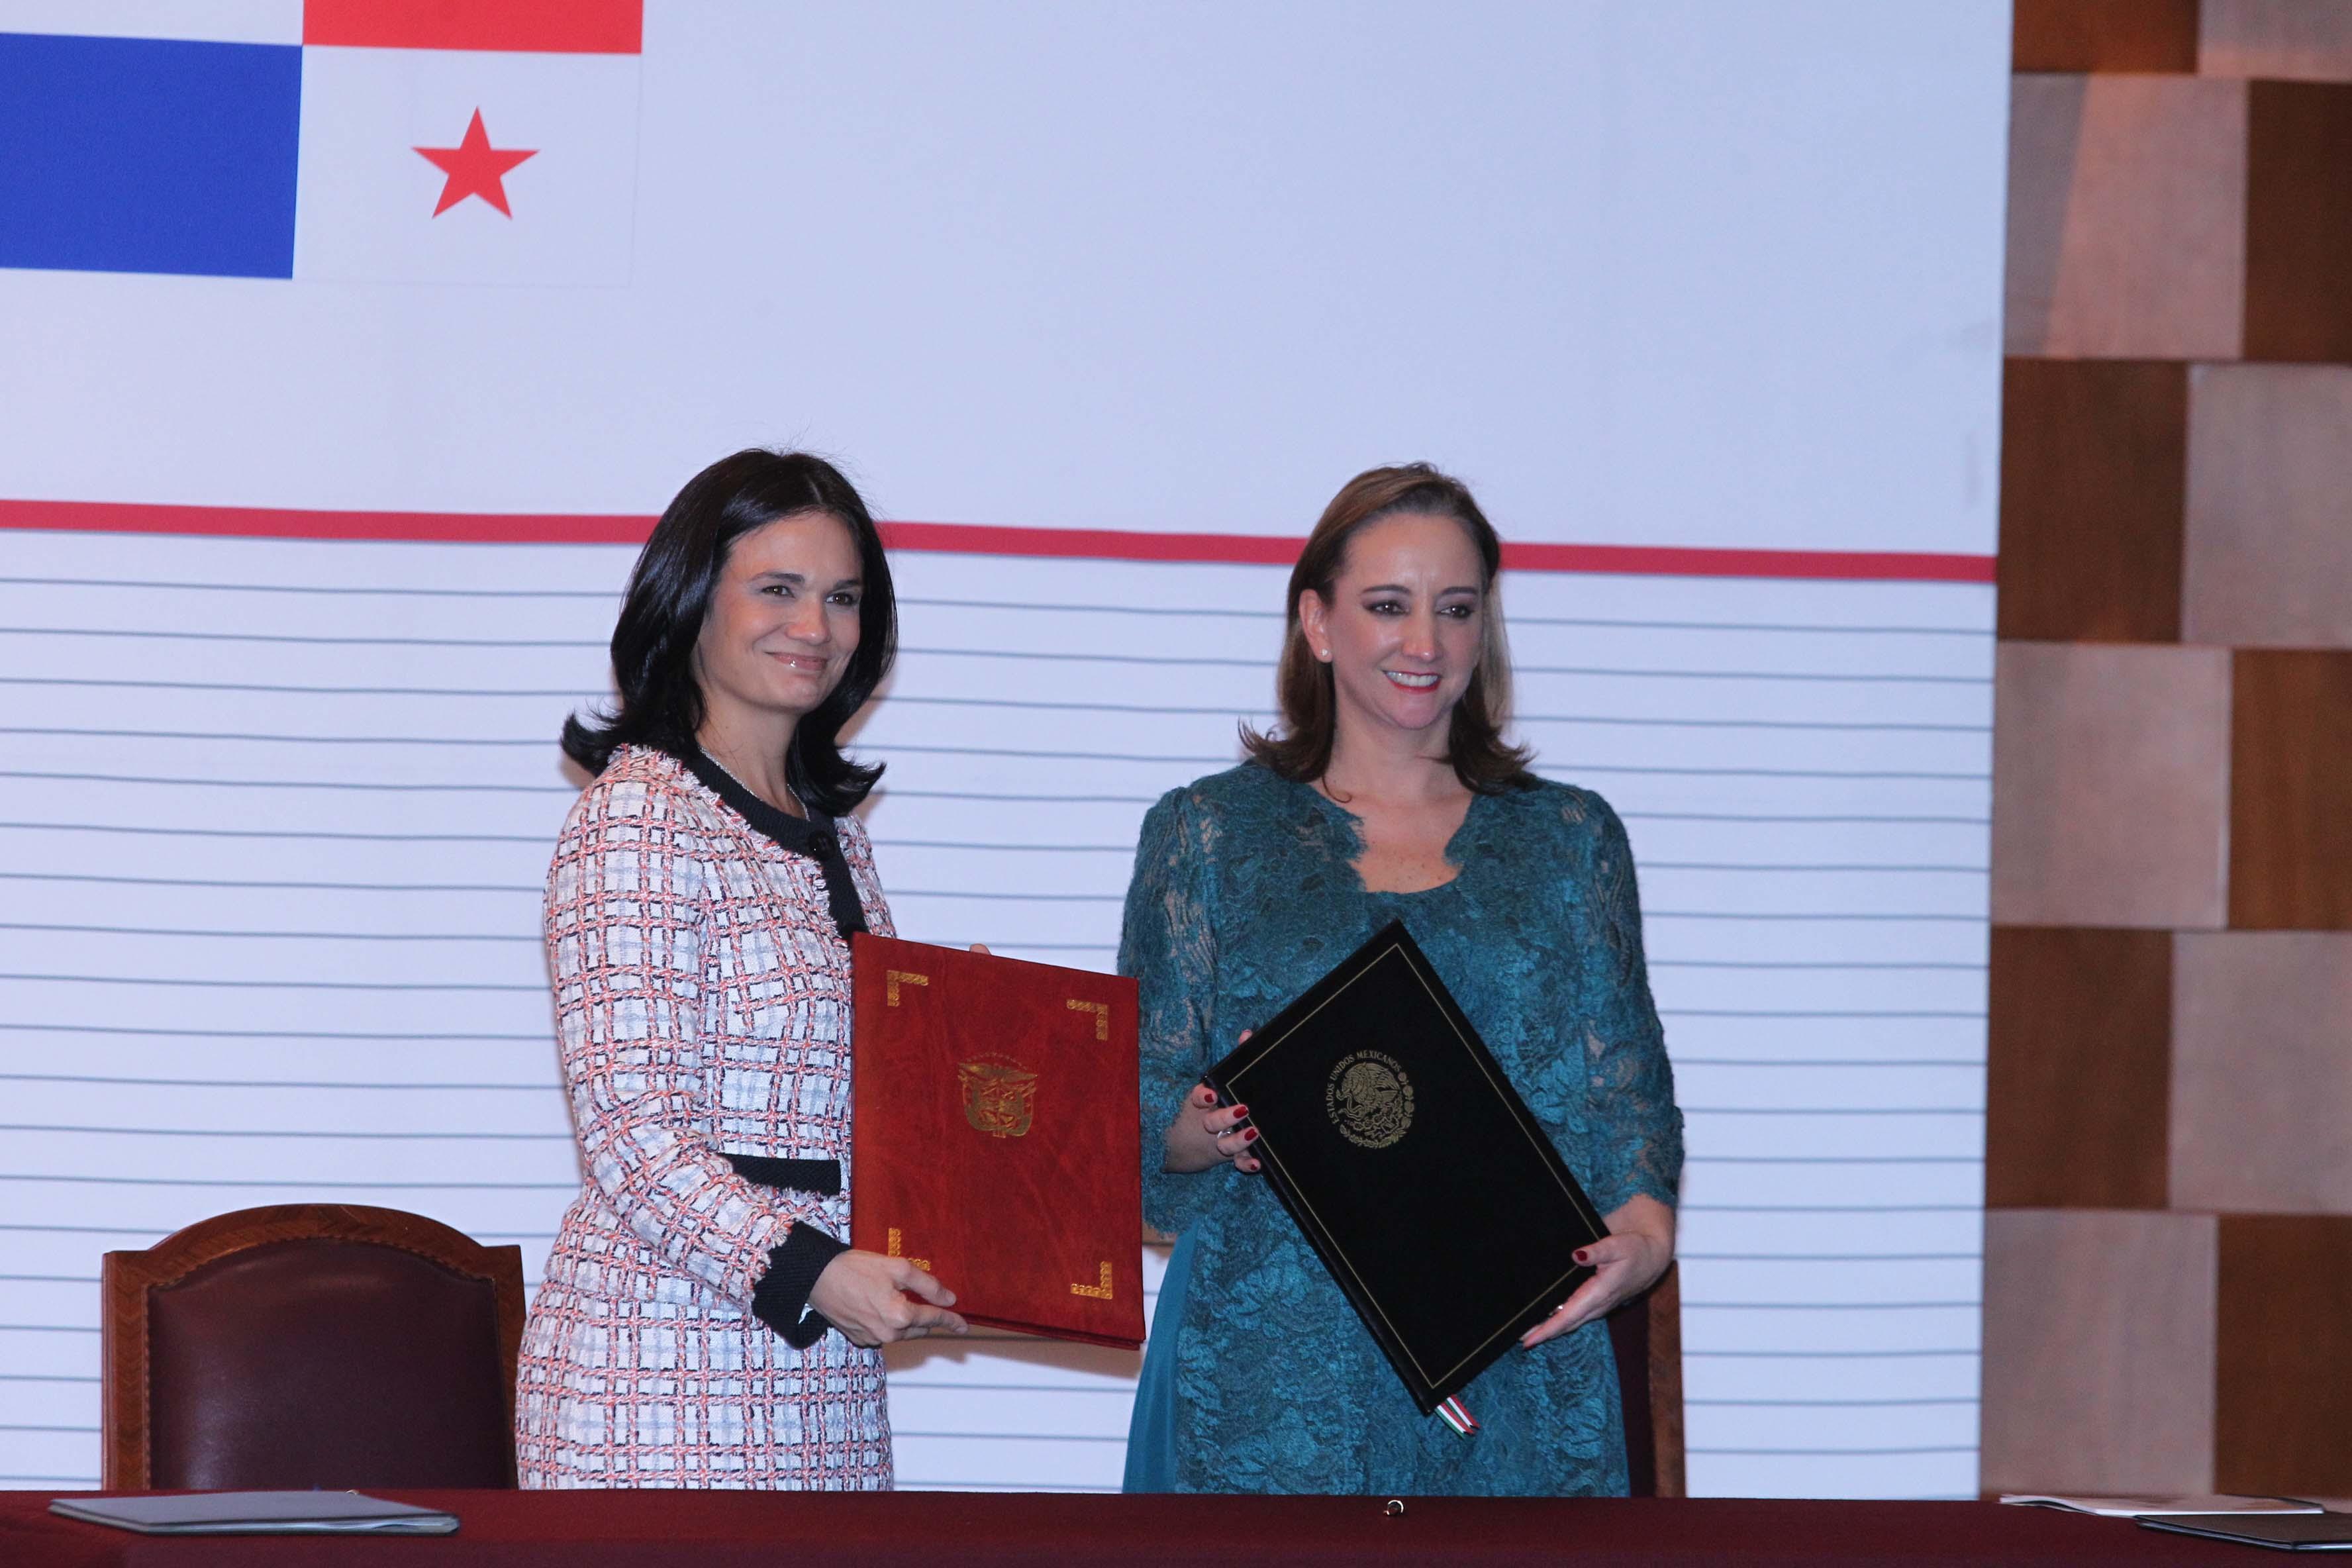 FOTO 1 Canciller Claudia Ruiz Massieu y la Vicepresidenta de la Rep blica de Panam   Isabel de Saint Malo de Alvaradojpg